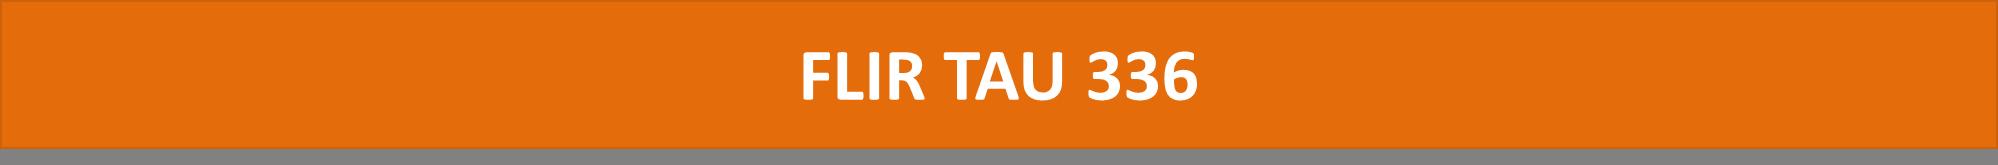 flir-tau-336